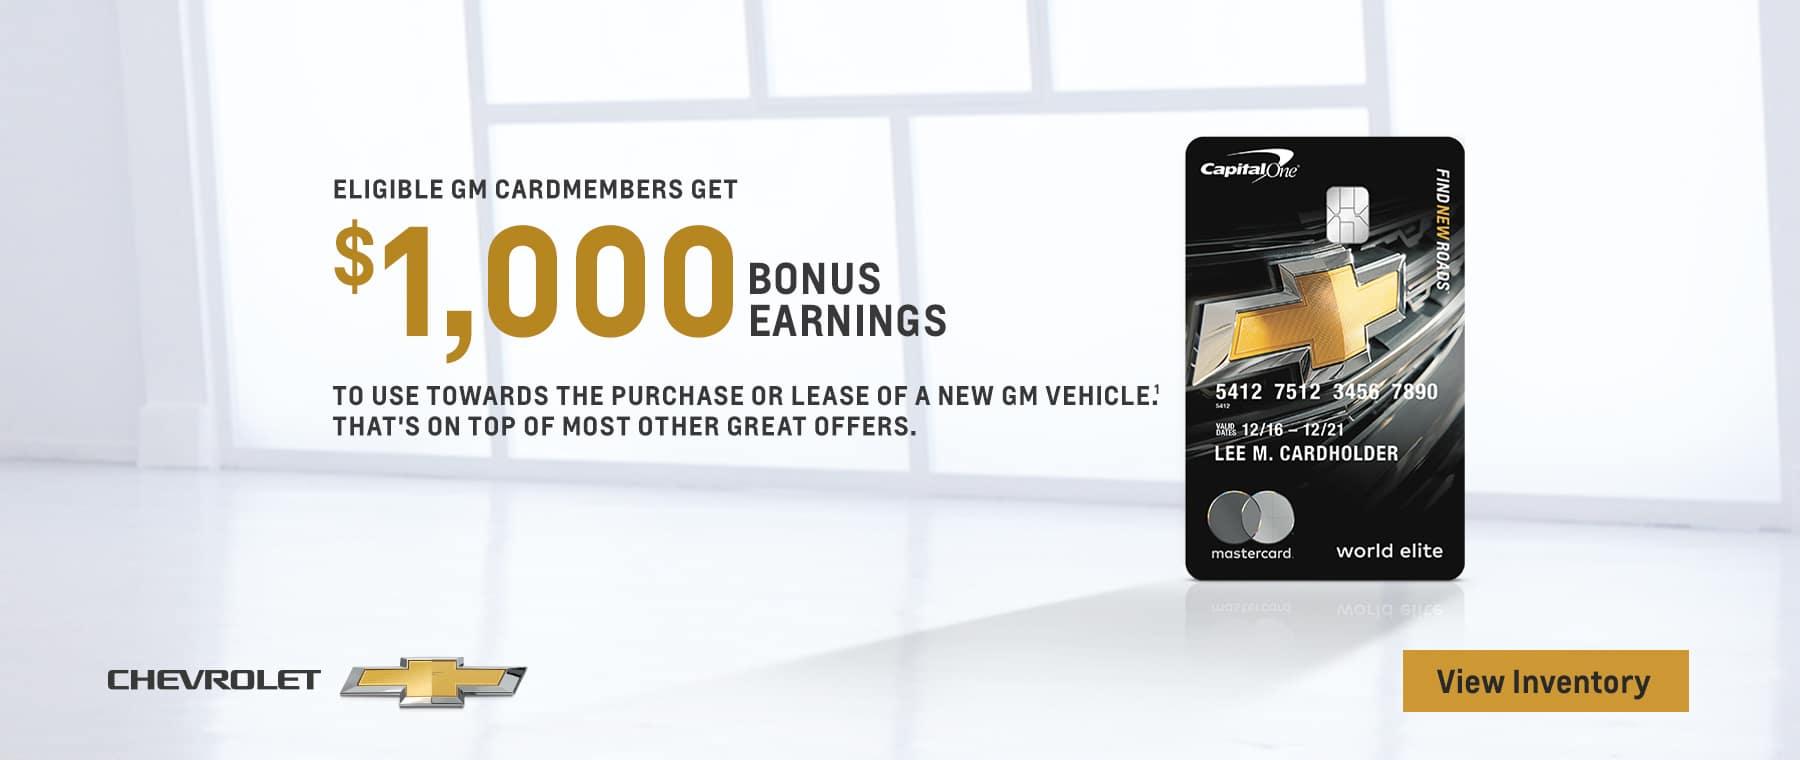 Eligible GM cardmembers get 1000 bonus earnings